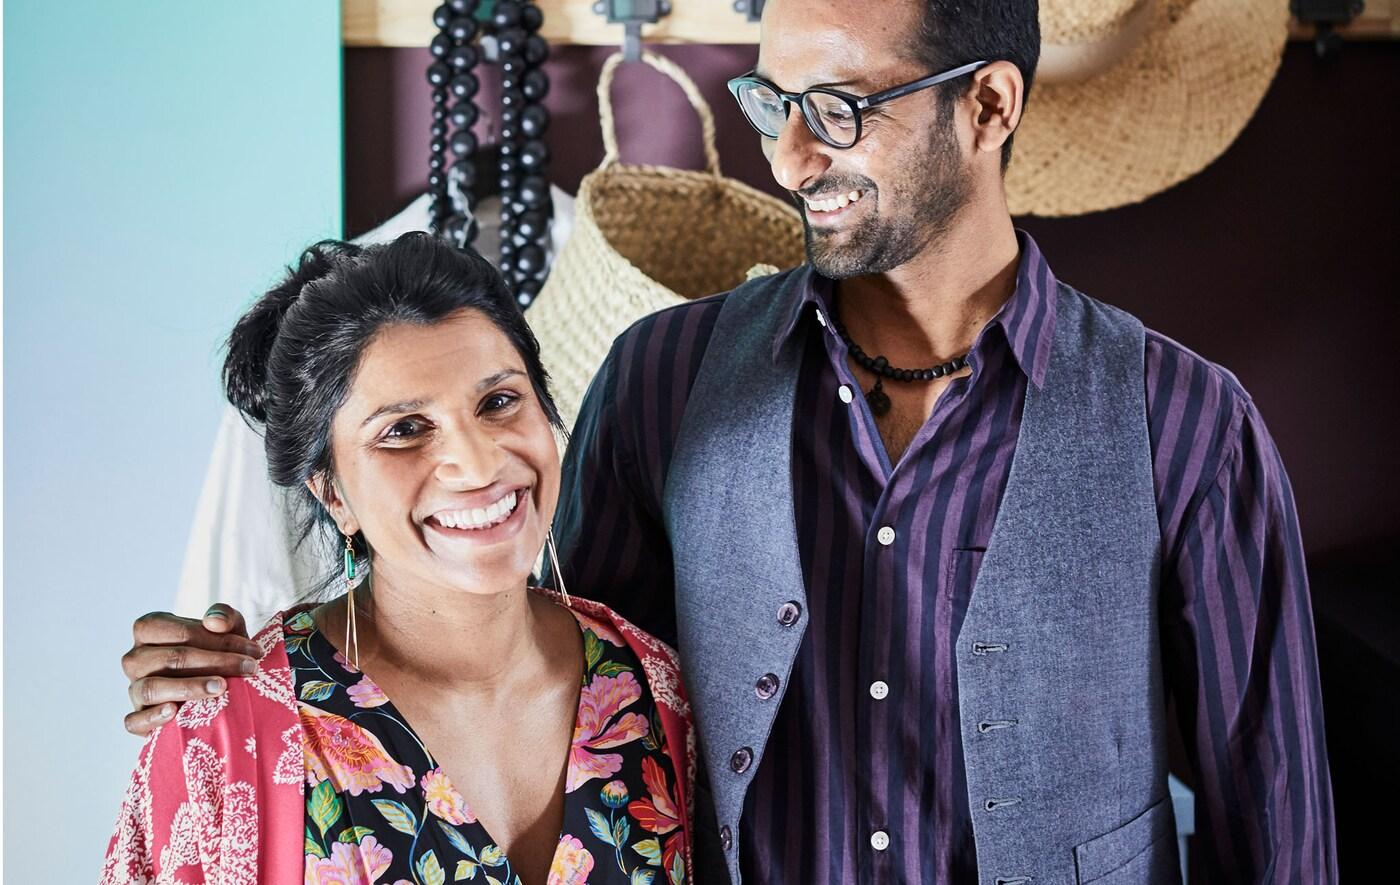 Mulher e homem com cerca de trinta anos a posar juntos, sorridentes e carinhosos, com roupa e acessórios num suporte atrás deles.